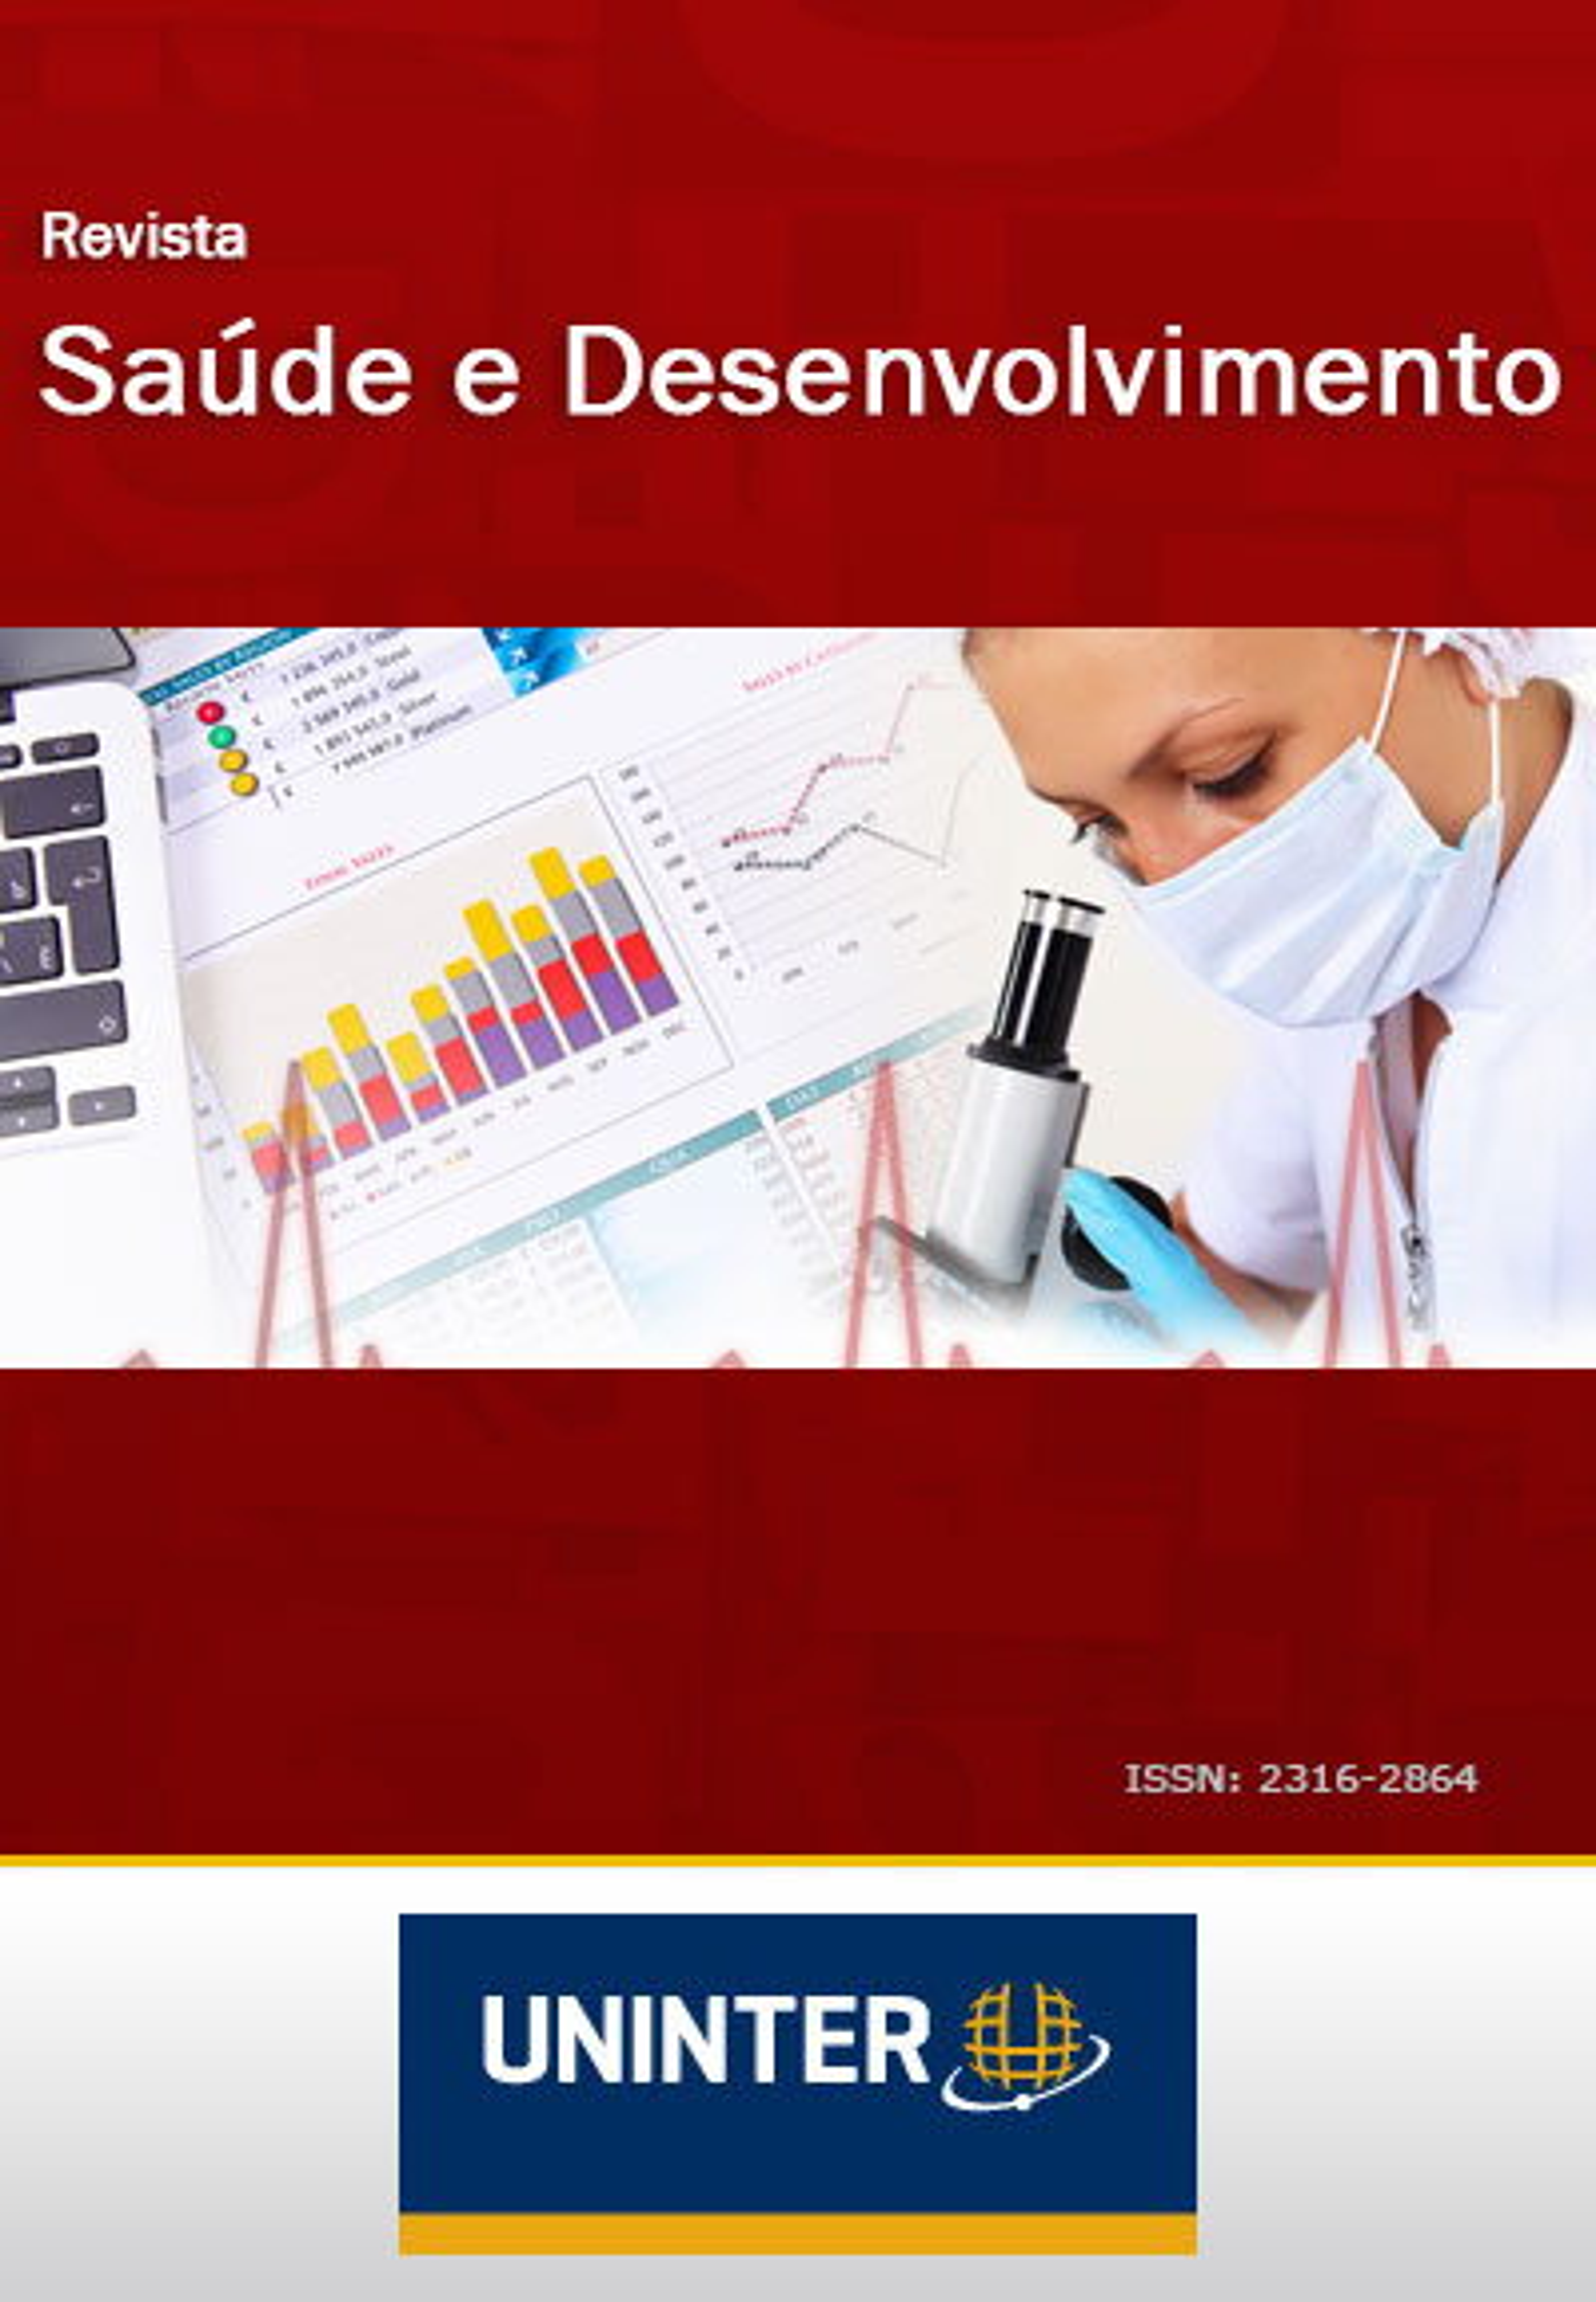 Revista Saúde e Desenvolvimento